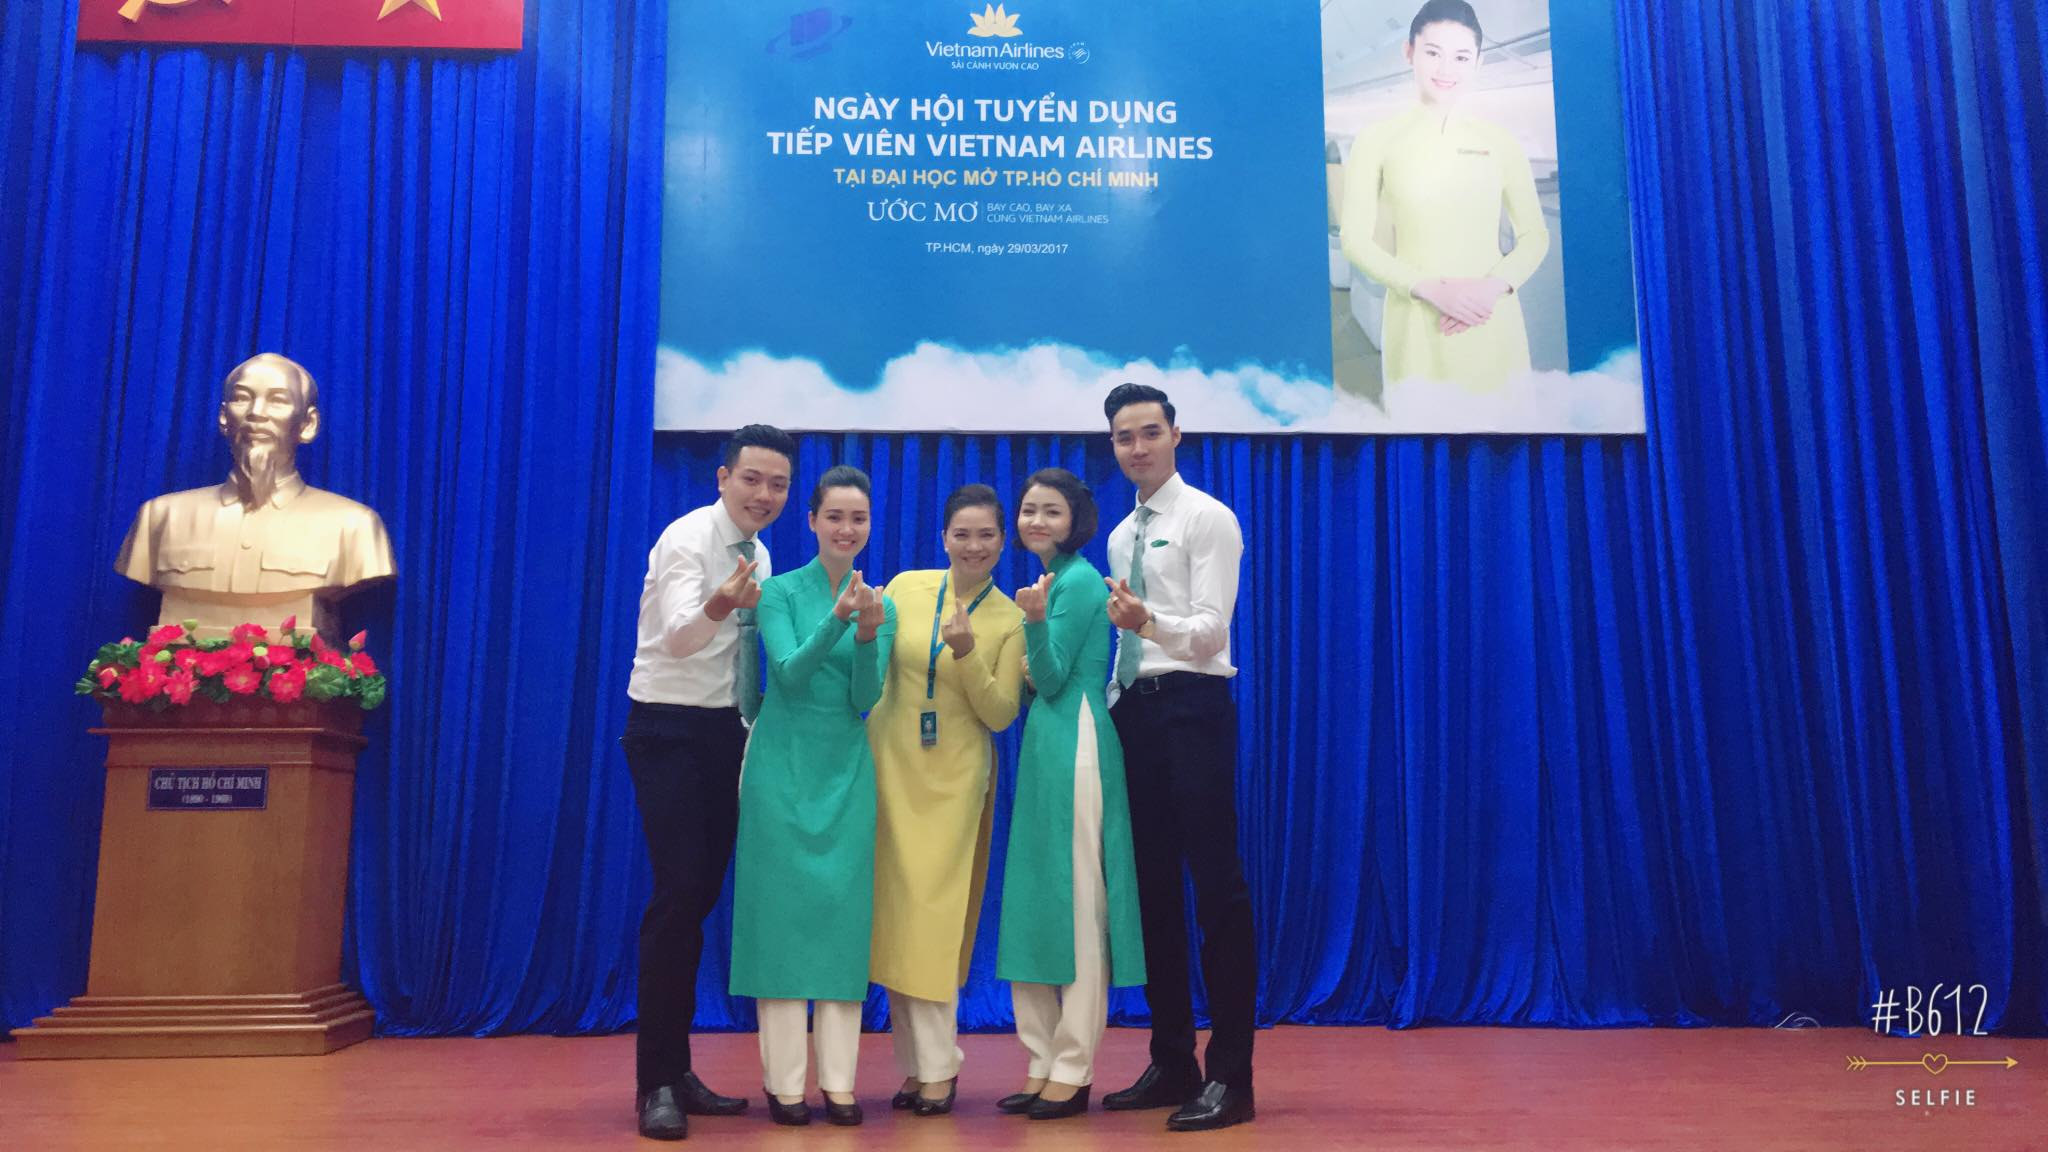 Sinh viên năm cuối hào hứng với ngày hội tuyển dụng VietNam Airlines tại Trường Đại học Mở Tp.HCM